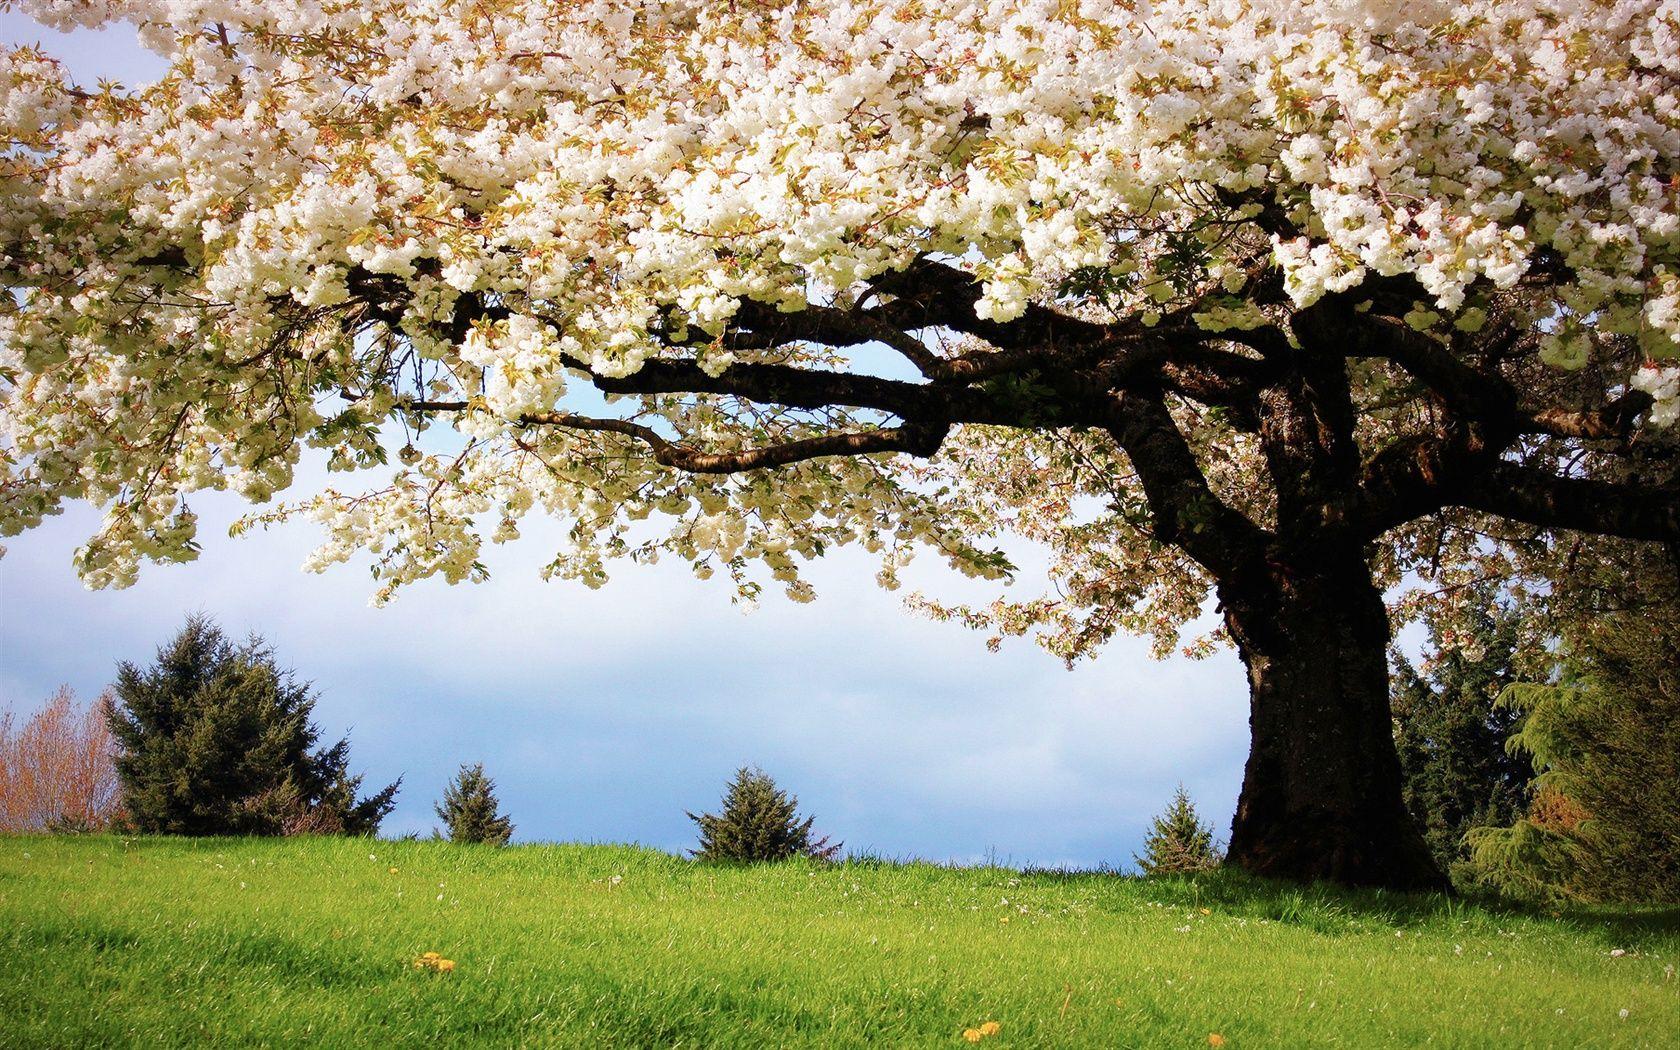 Natur Frühling, die Kirschbäume, weißen Kirschblüten in ...